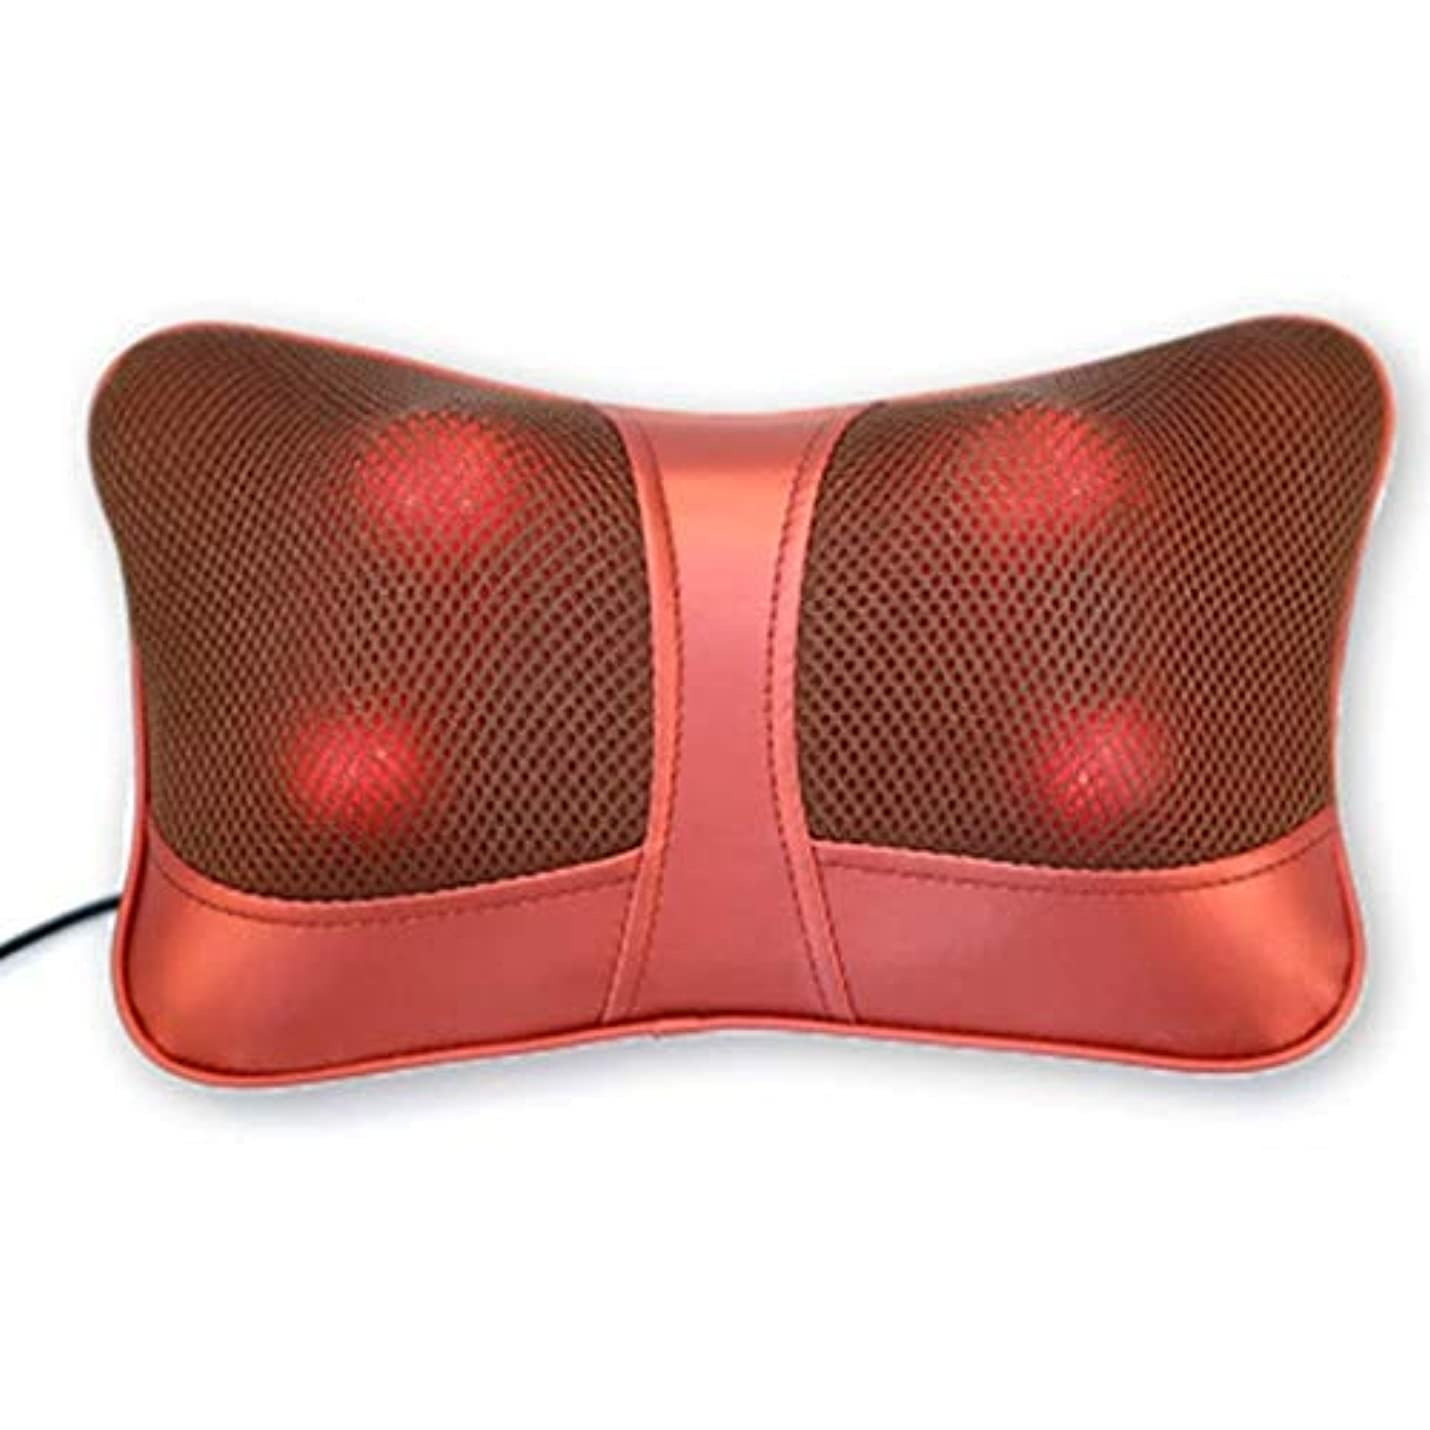 駅窒素おもしろいマッサージ枕、指圧首マッサージャー、3Dスクワットマッサージ枕、熱処理と暖かいハンドバッグ、首、肩と背中の疲れを和らげるのに適した